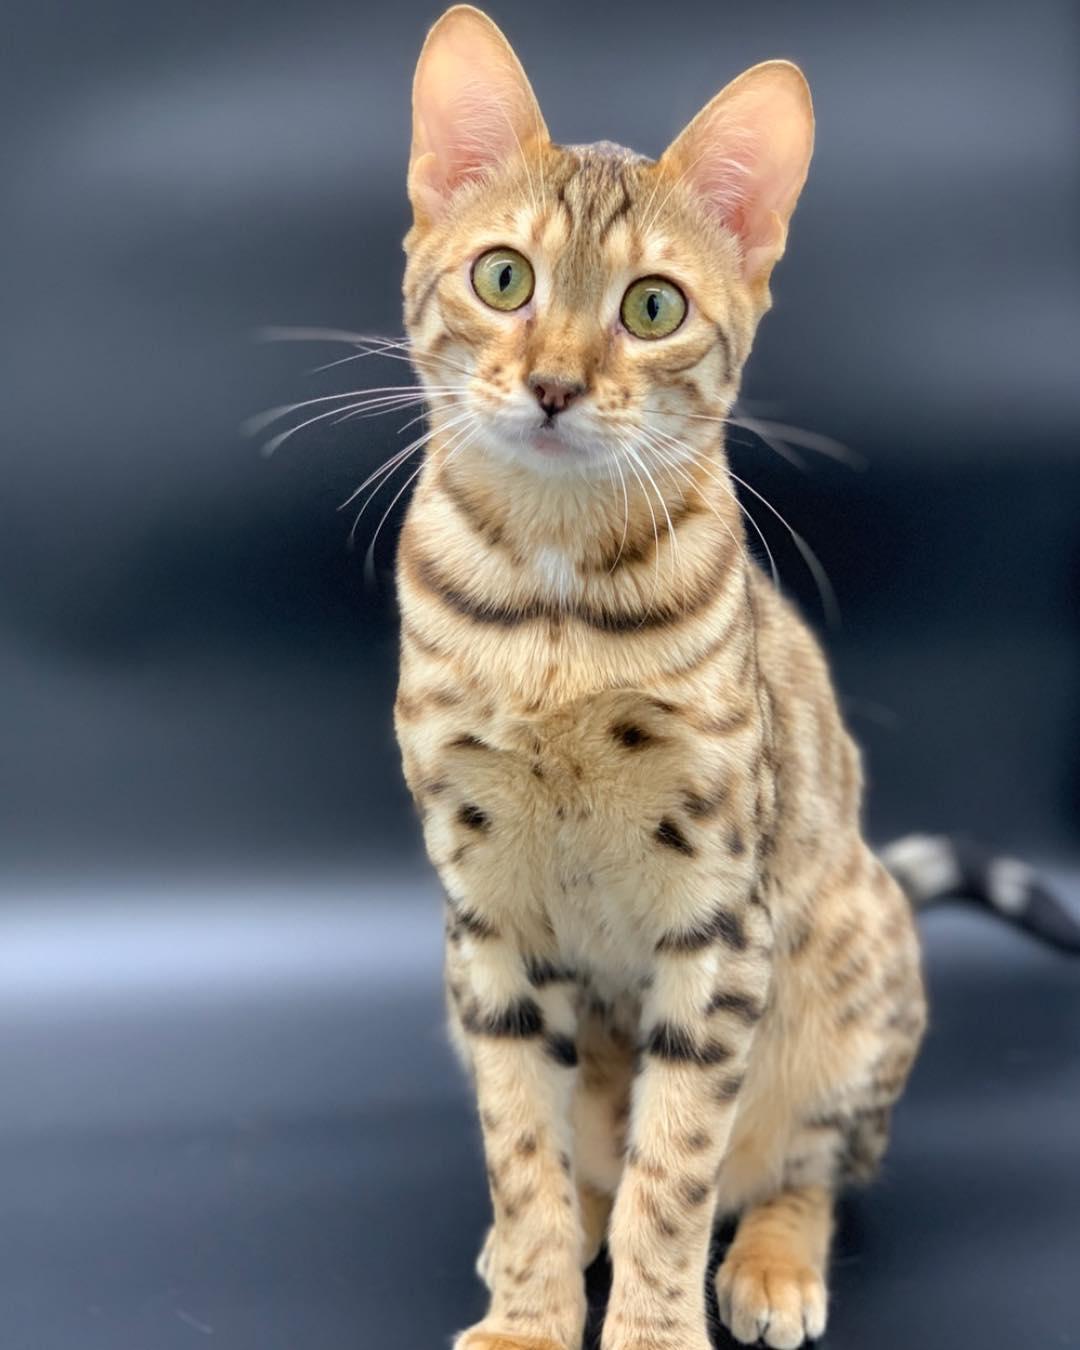 бюджетные варианты порода кошки ашера фото первом ярусе леса